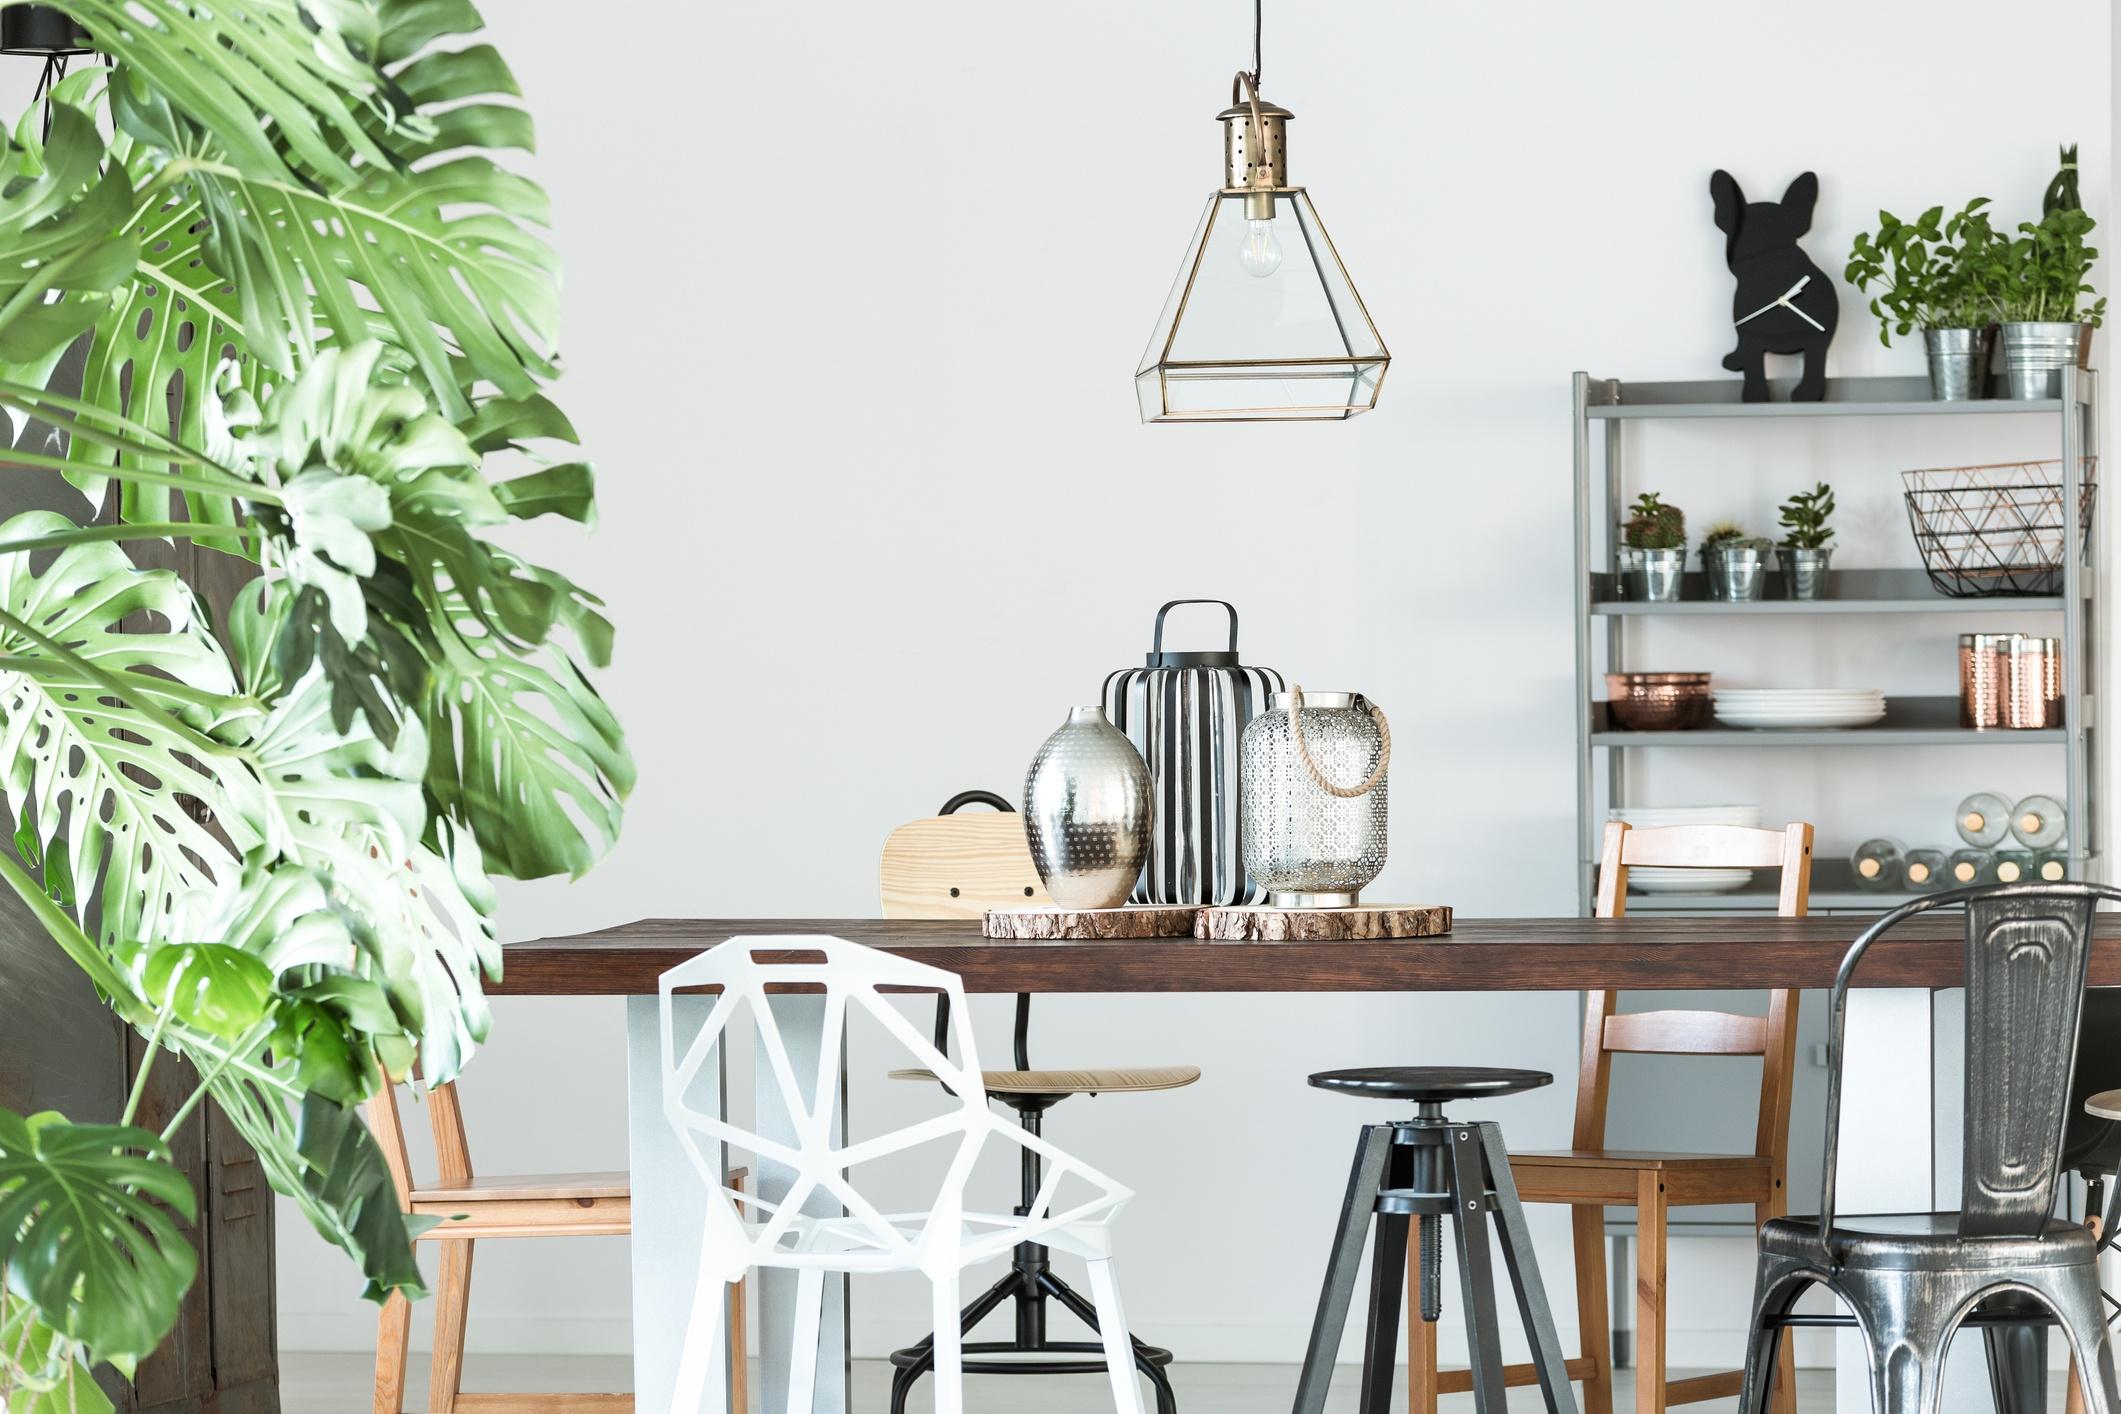 Centro para mesa de comedor awesome cheap beautiful pieza for Centros de mesa para comedor